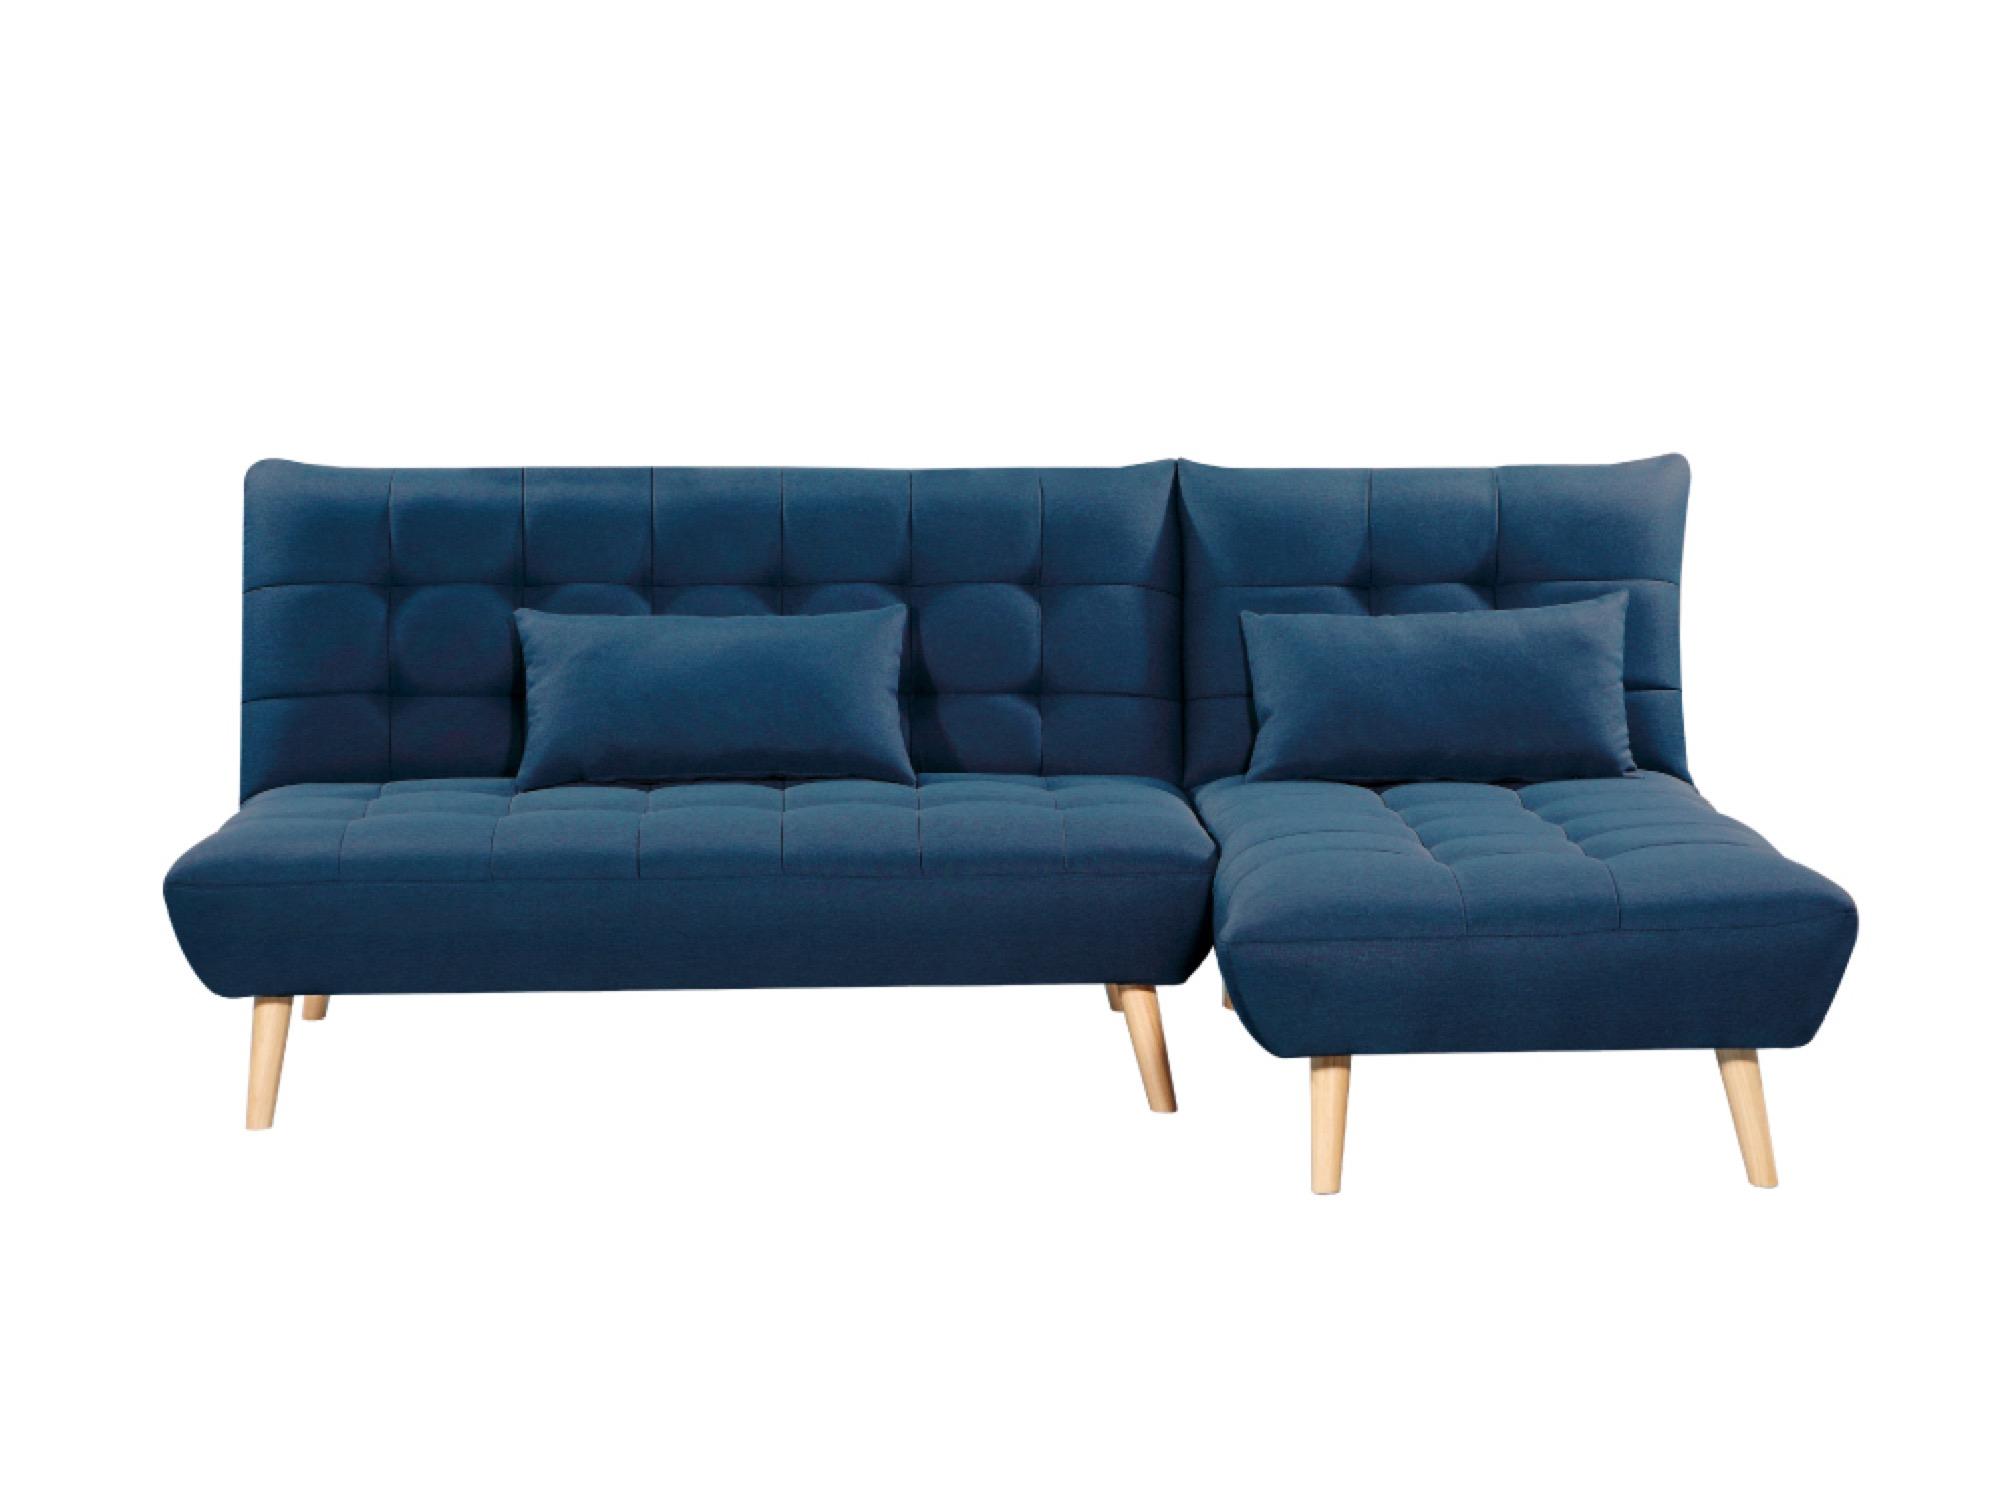 Canapé d'angle 3 places Bleu Tissu Scandinave Confort